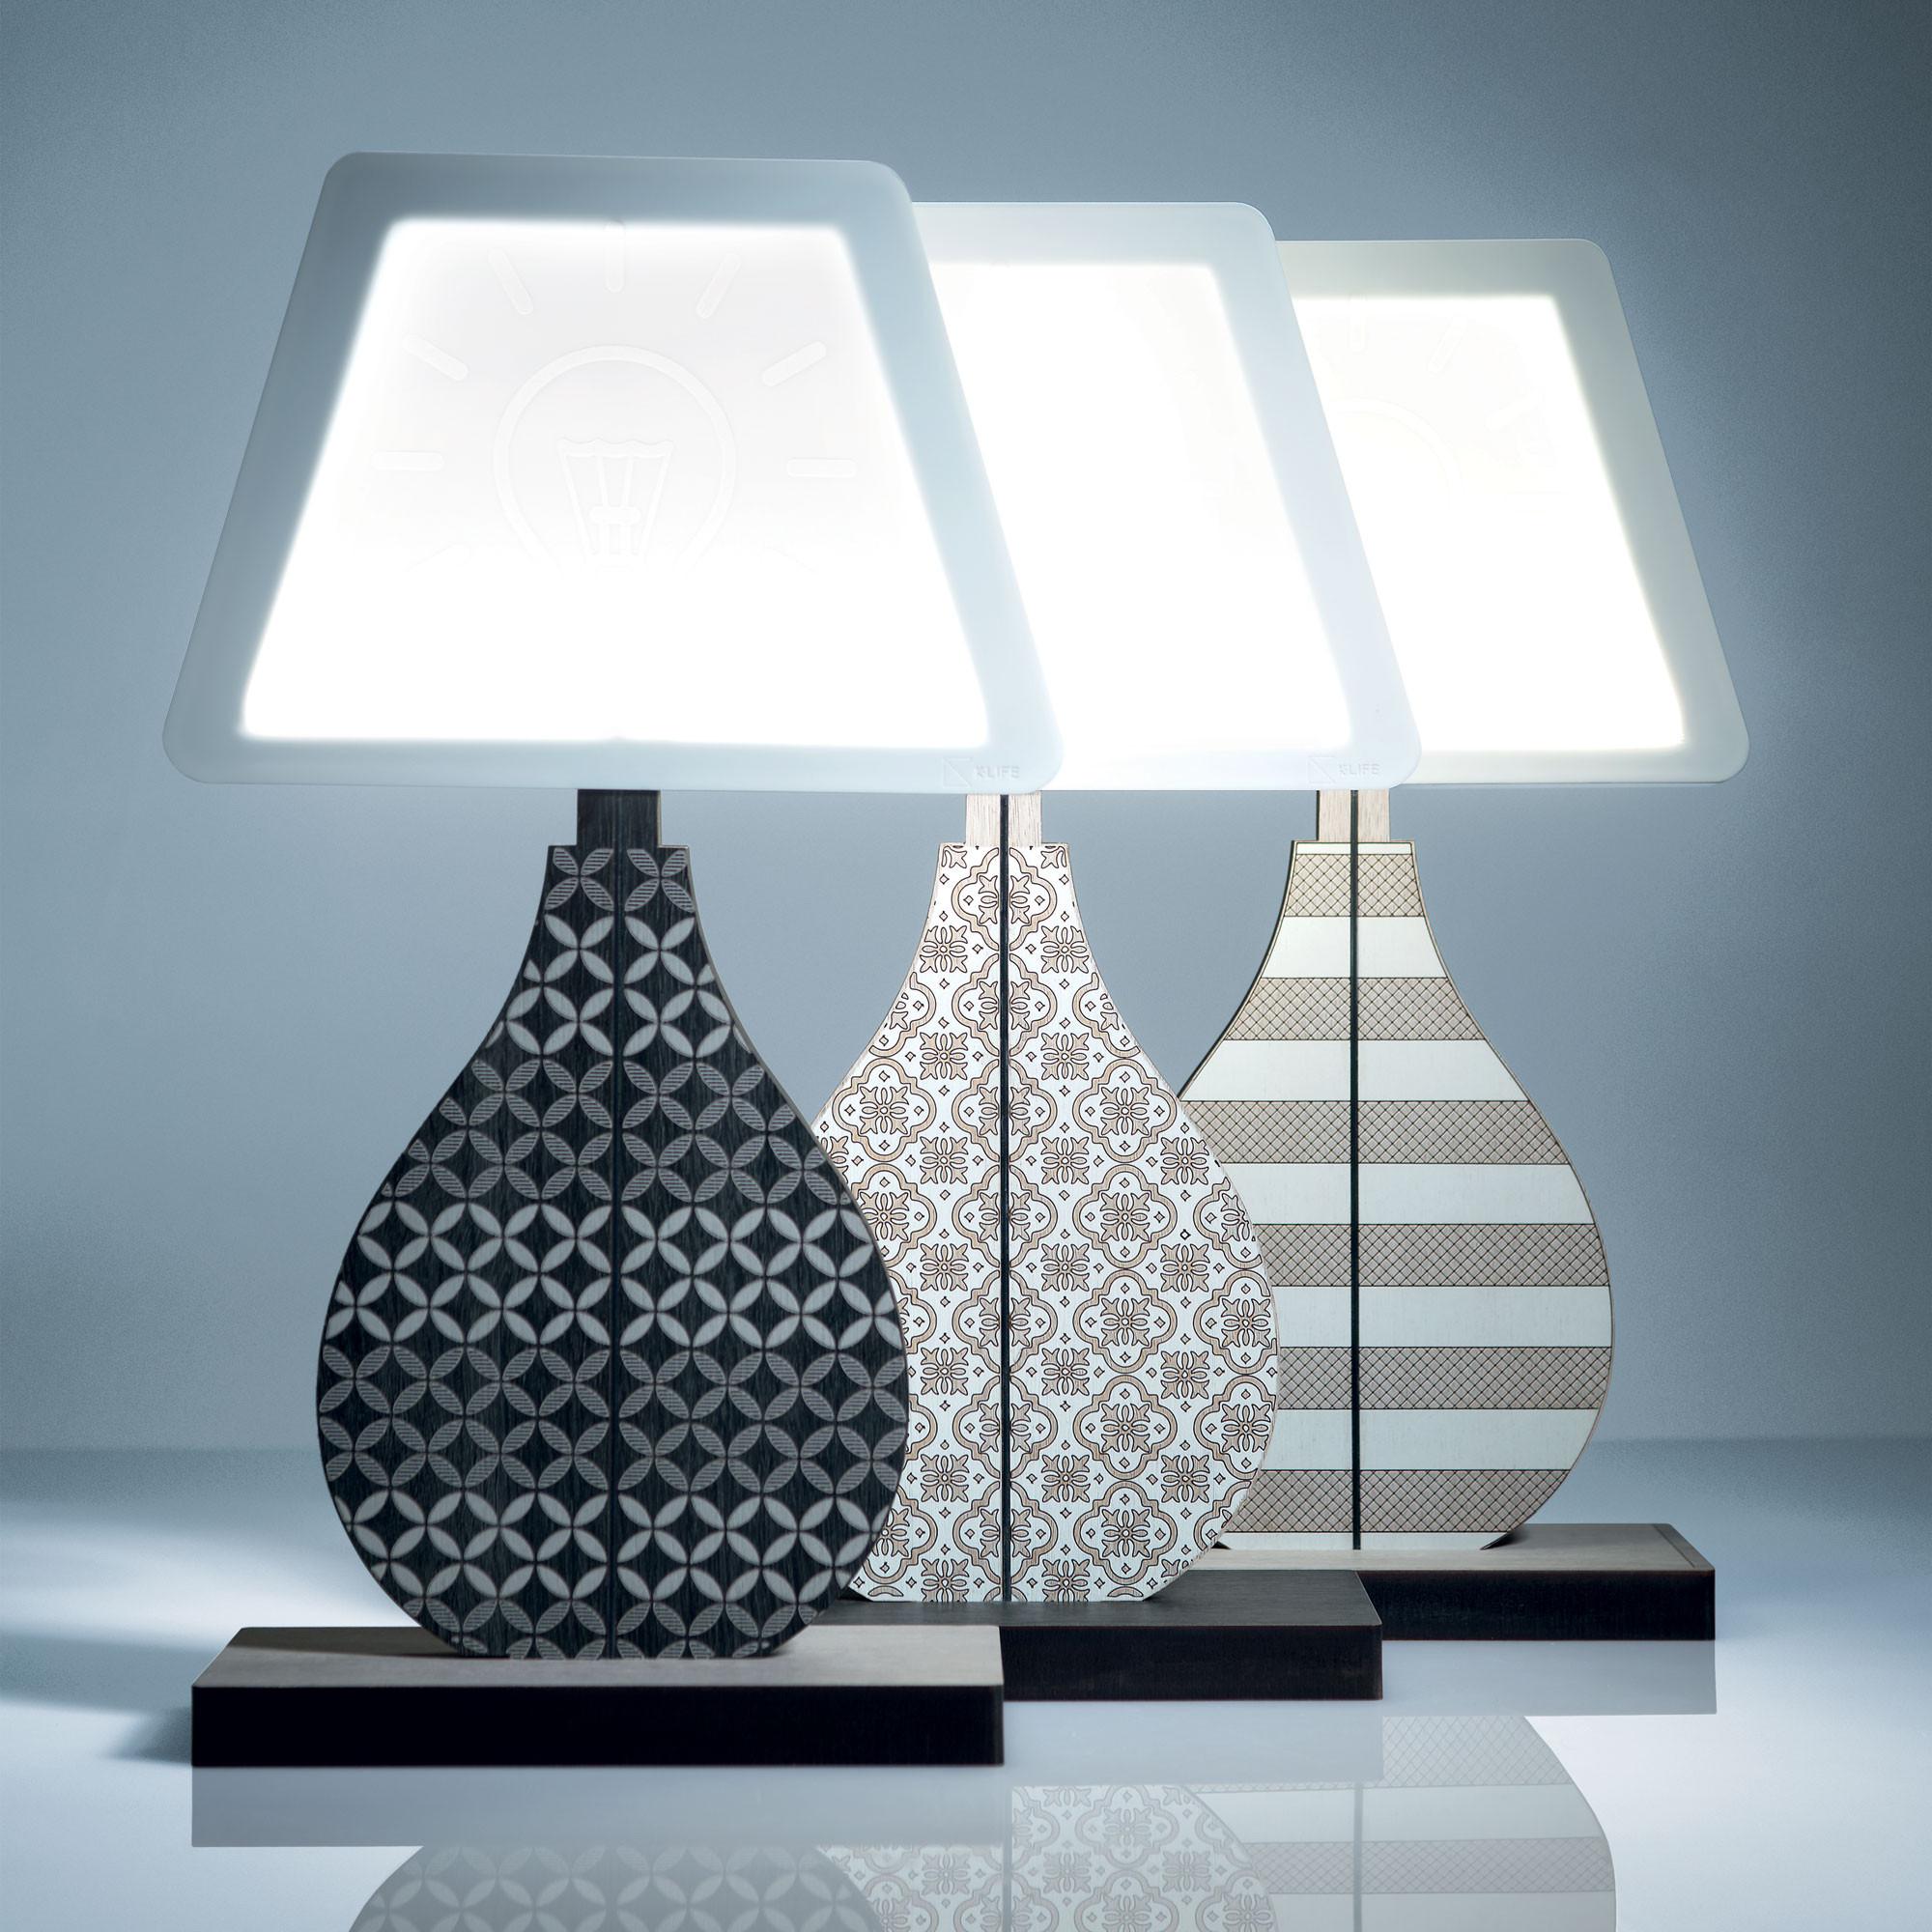 Design Lampade Da Tavolo ves design lampada da tavolo moderna in legno con lampadina a led klin -  4000k luce naturale